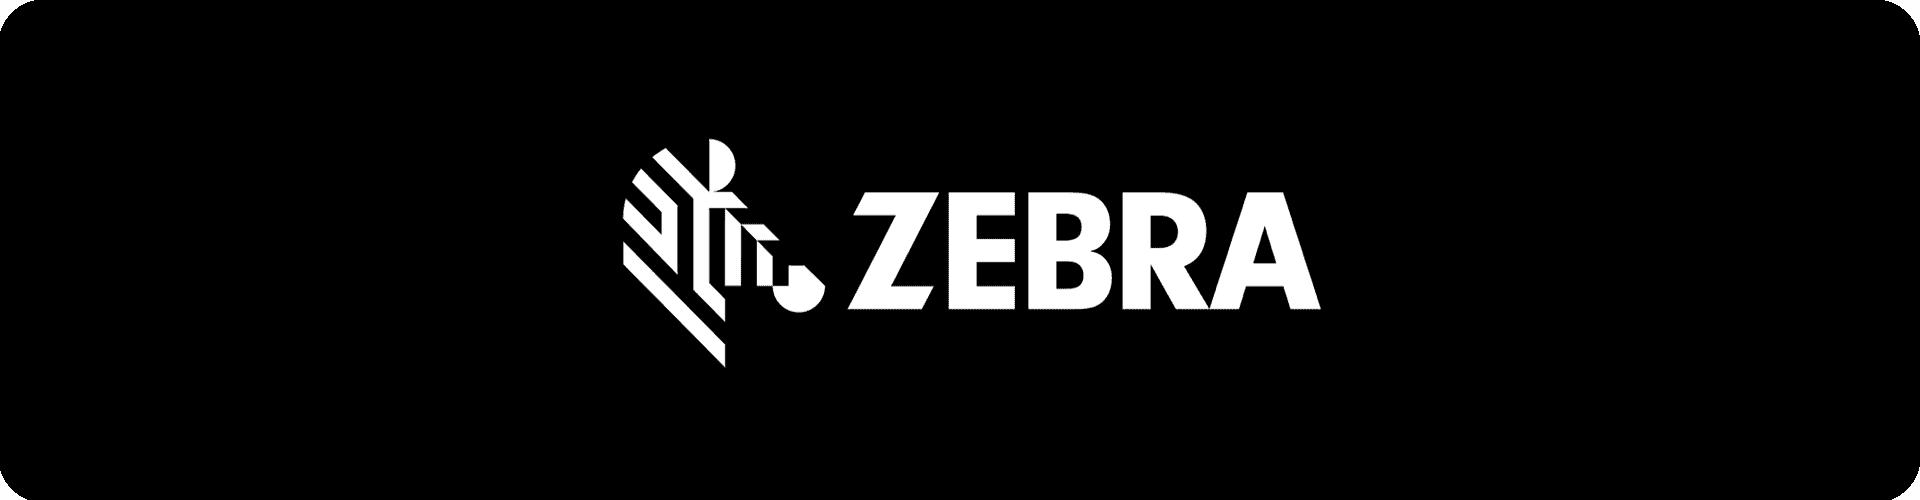 zebra technologies banner